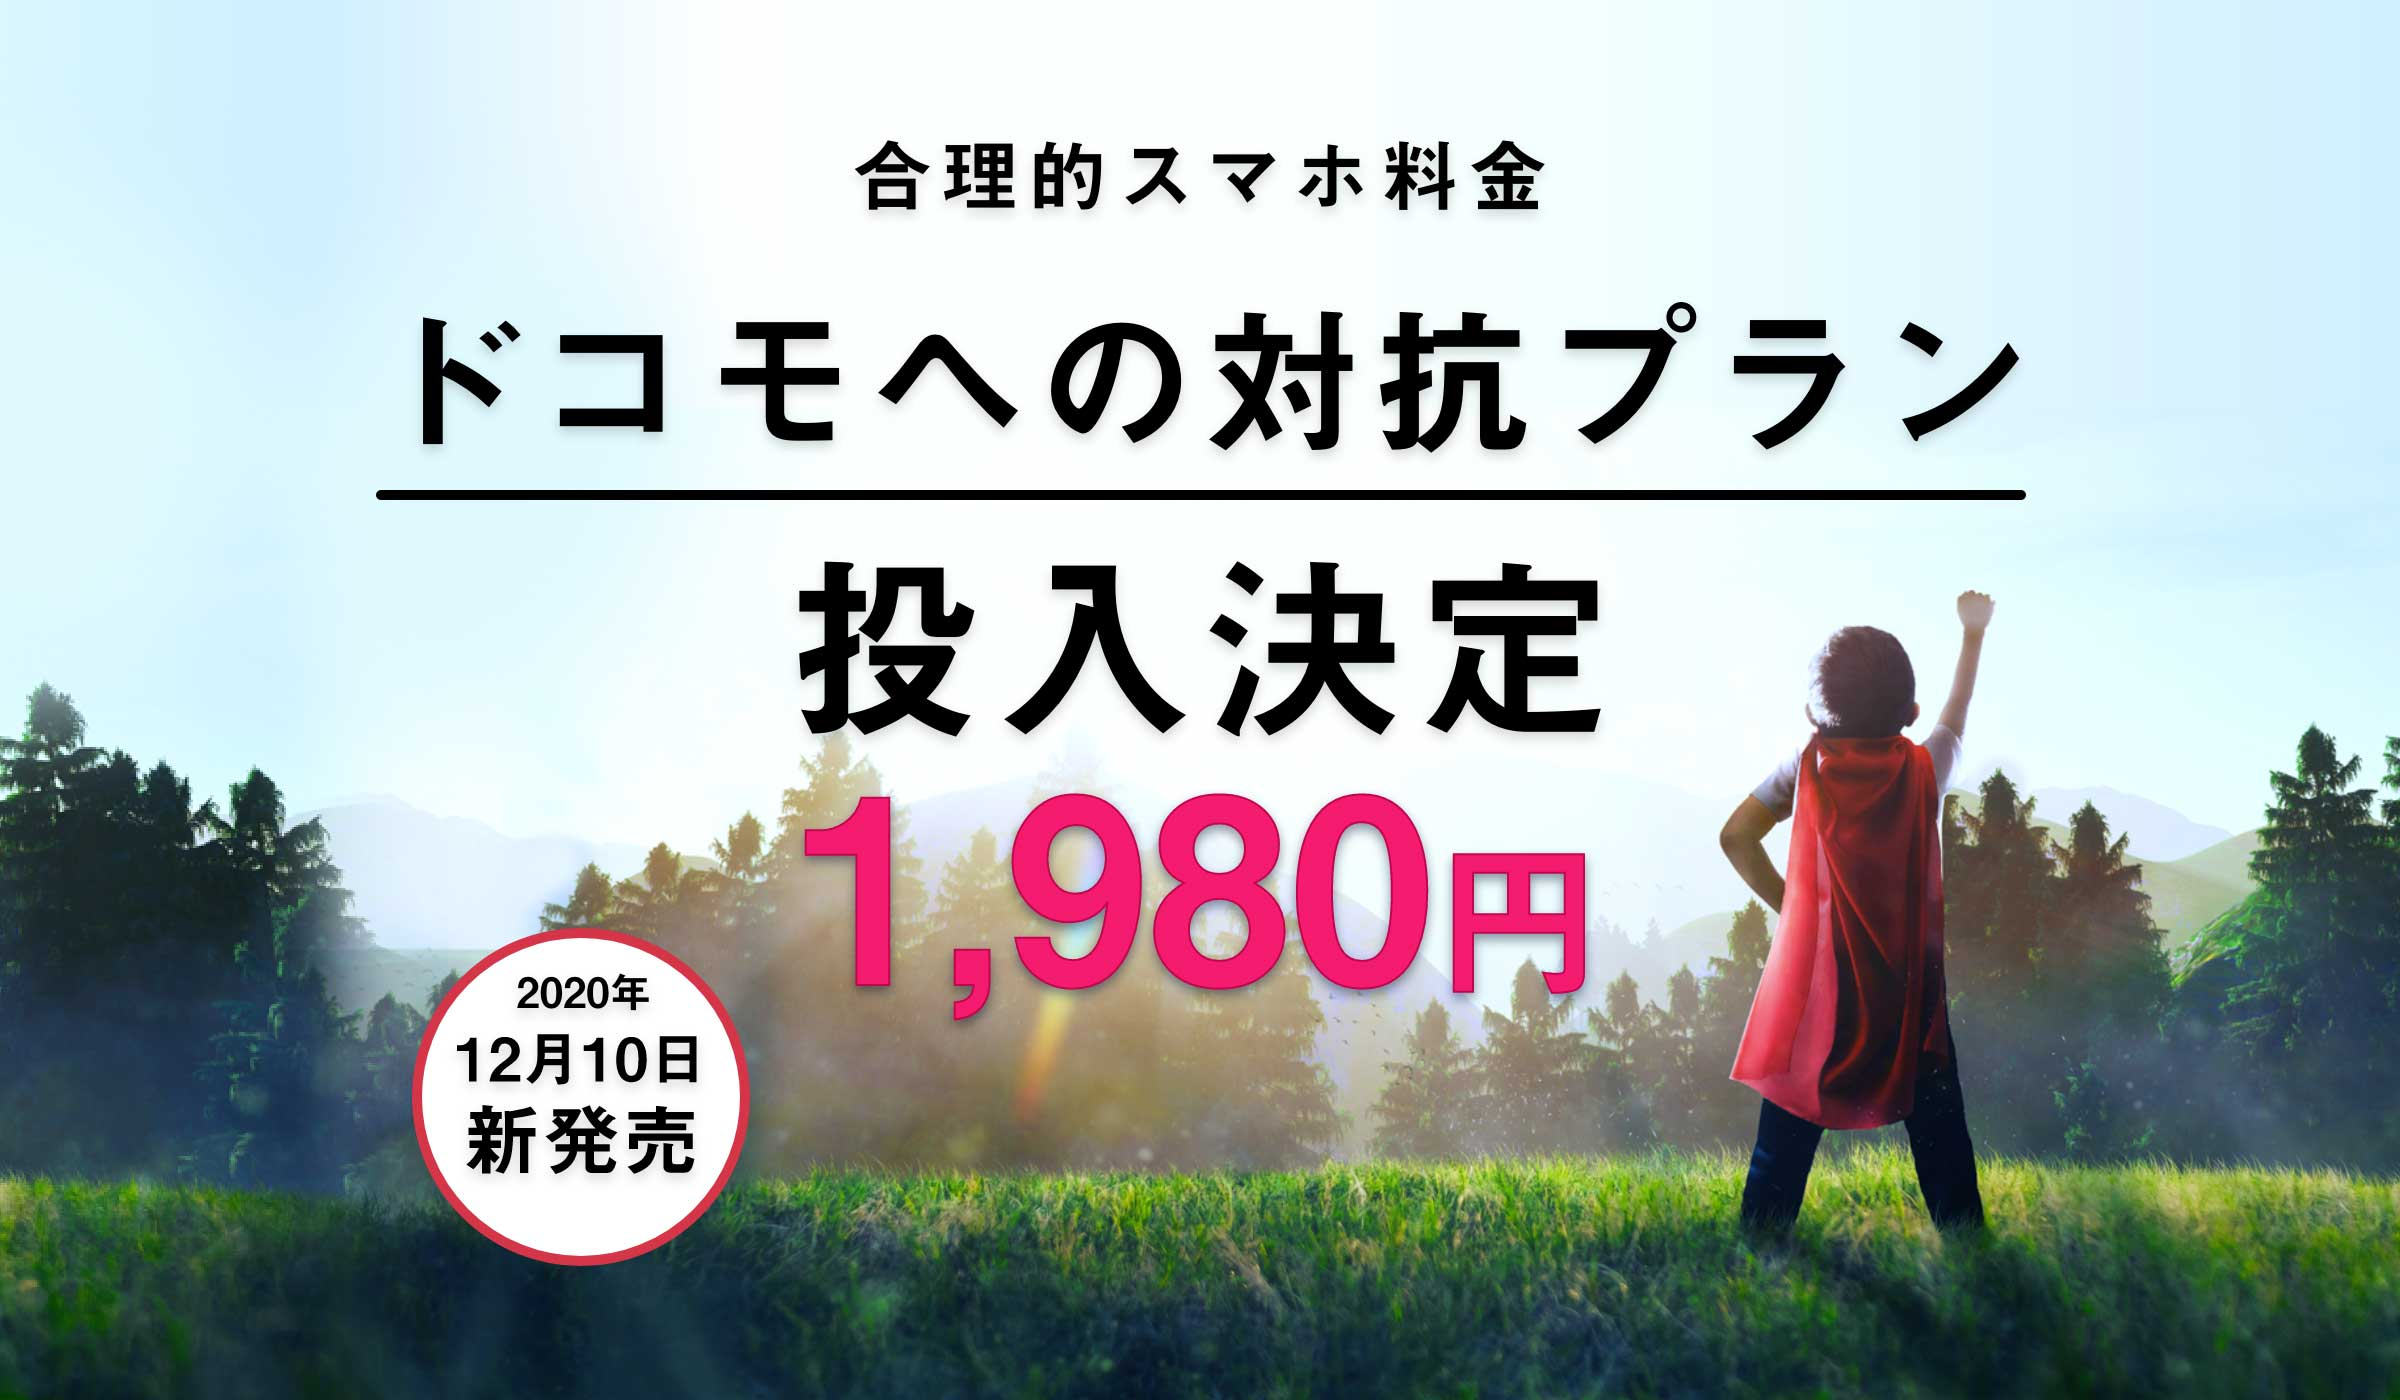 日本通信がドコモのahamo対抗プラン(SSDプラン)を発表へ。16GB、月70分無料通話で1980円。ポンツーごときが本家に弓を引けると思ったか。20GB化は2/18~。